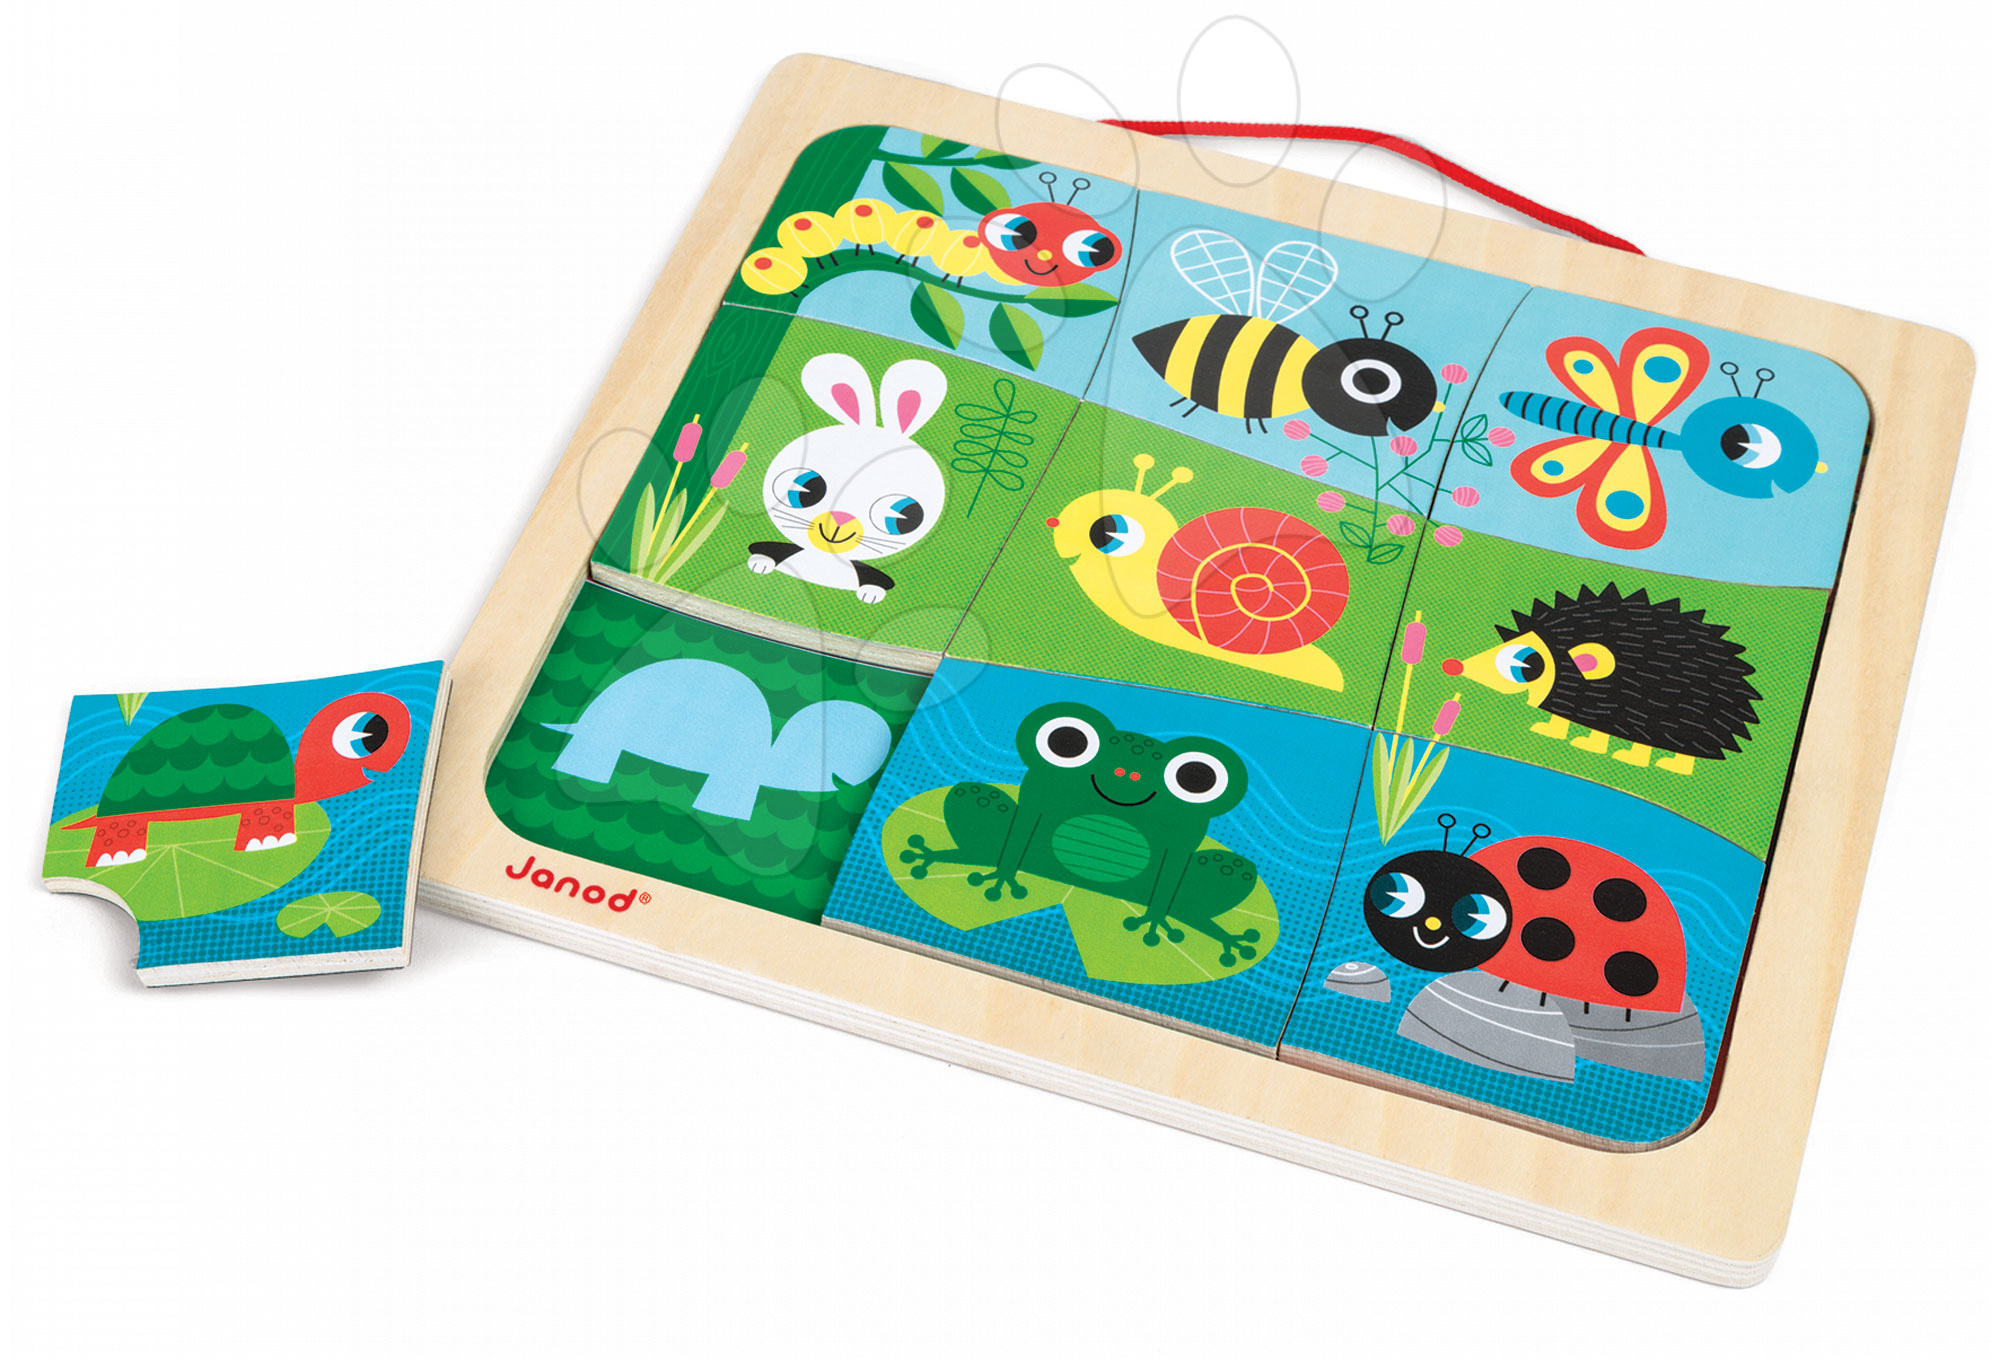 Dřevěné magnetické puzzle Happy Garden Magneto Janod 9 dílků od 18 měsíců